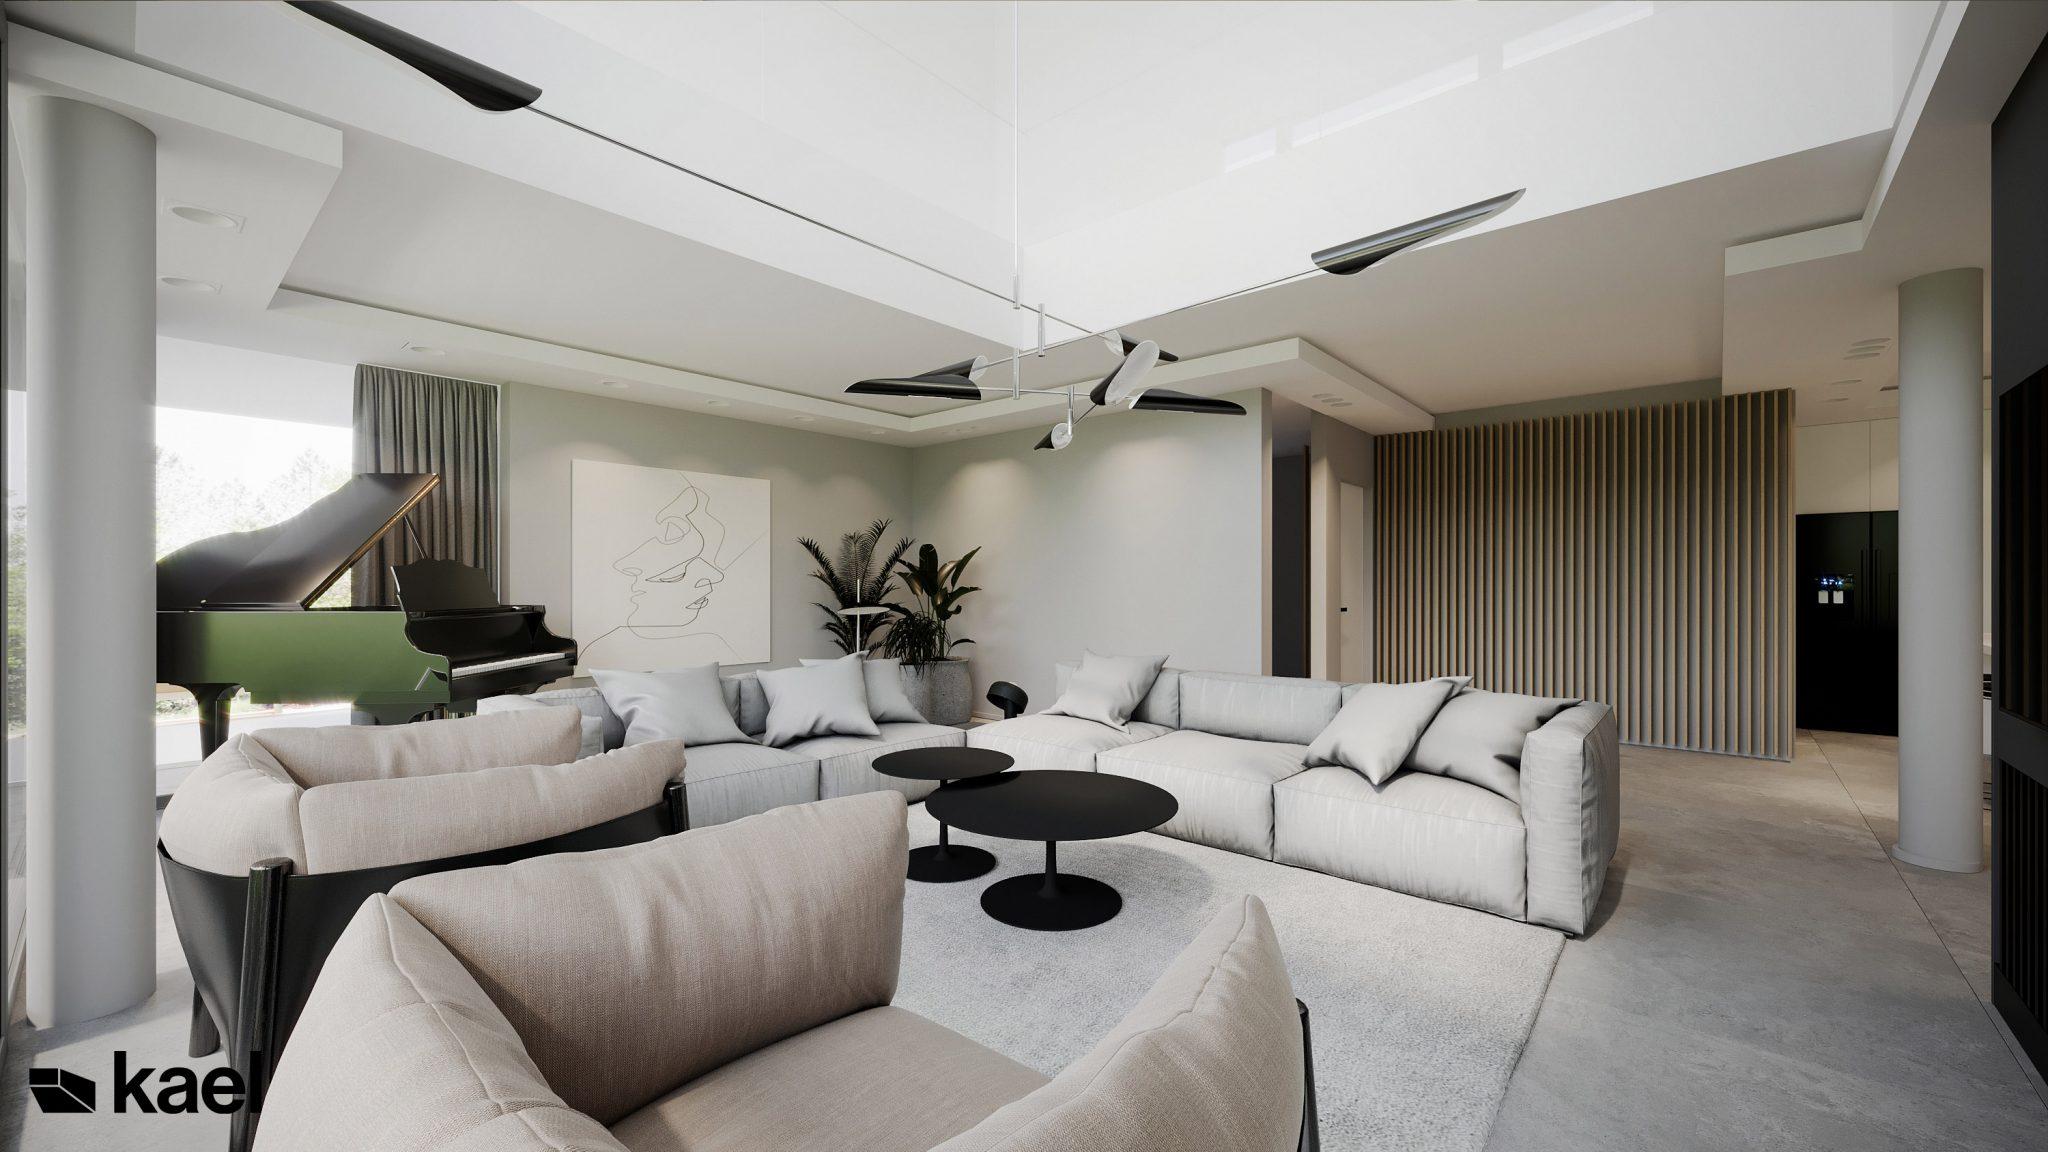 Przytulny salon - Wachowska - projekt wnętrza domu jednorodzinnego - Kael Warszawa